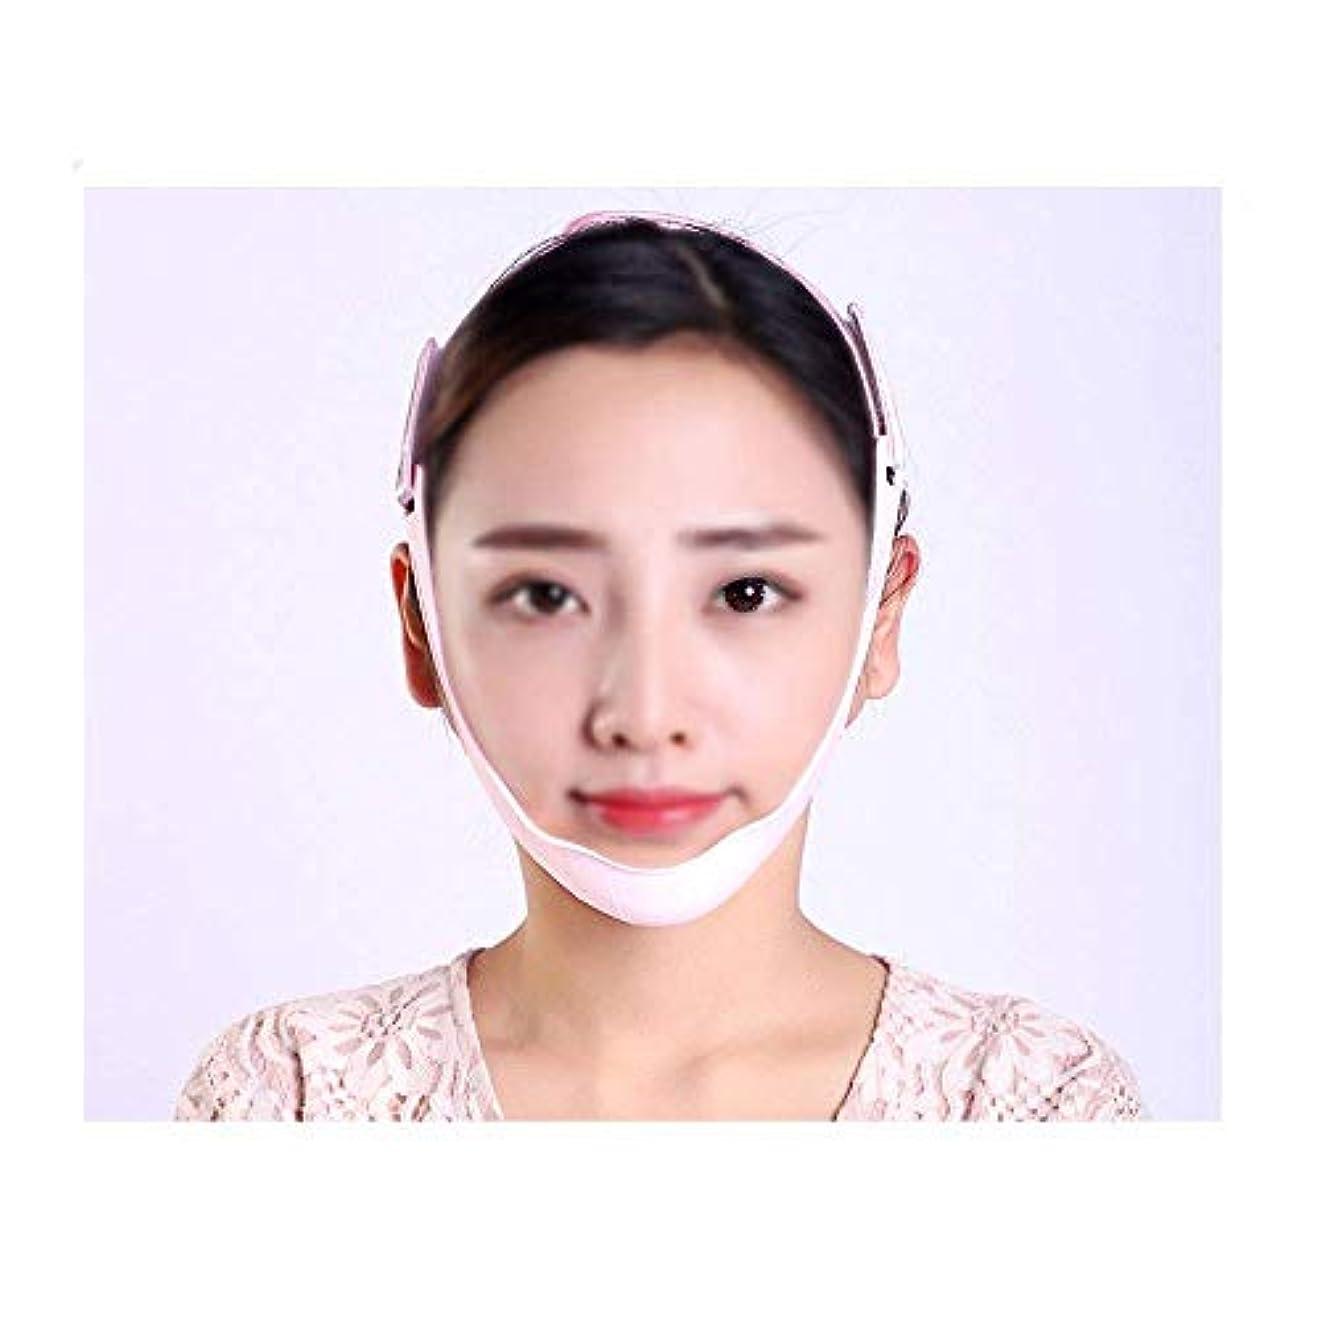 裁量過ち教室フェイシャルリフティングマスク、リフティングフェイシャルファーミングアーティファクト/マッサージ器薄い顔の包帯/通気性ダブルチンスリミングマスク